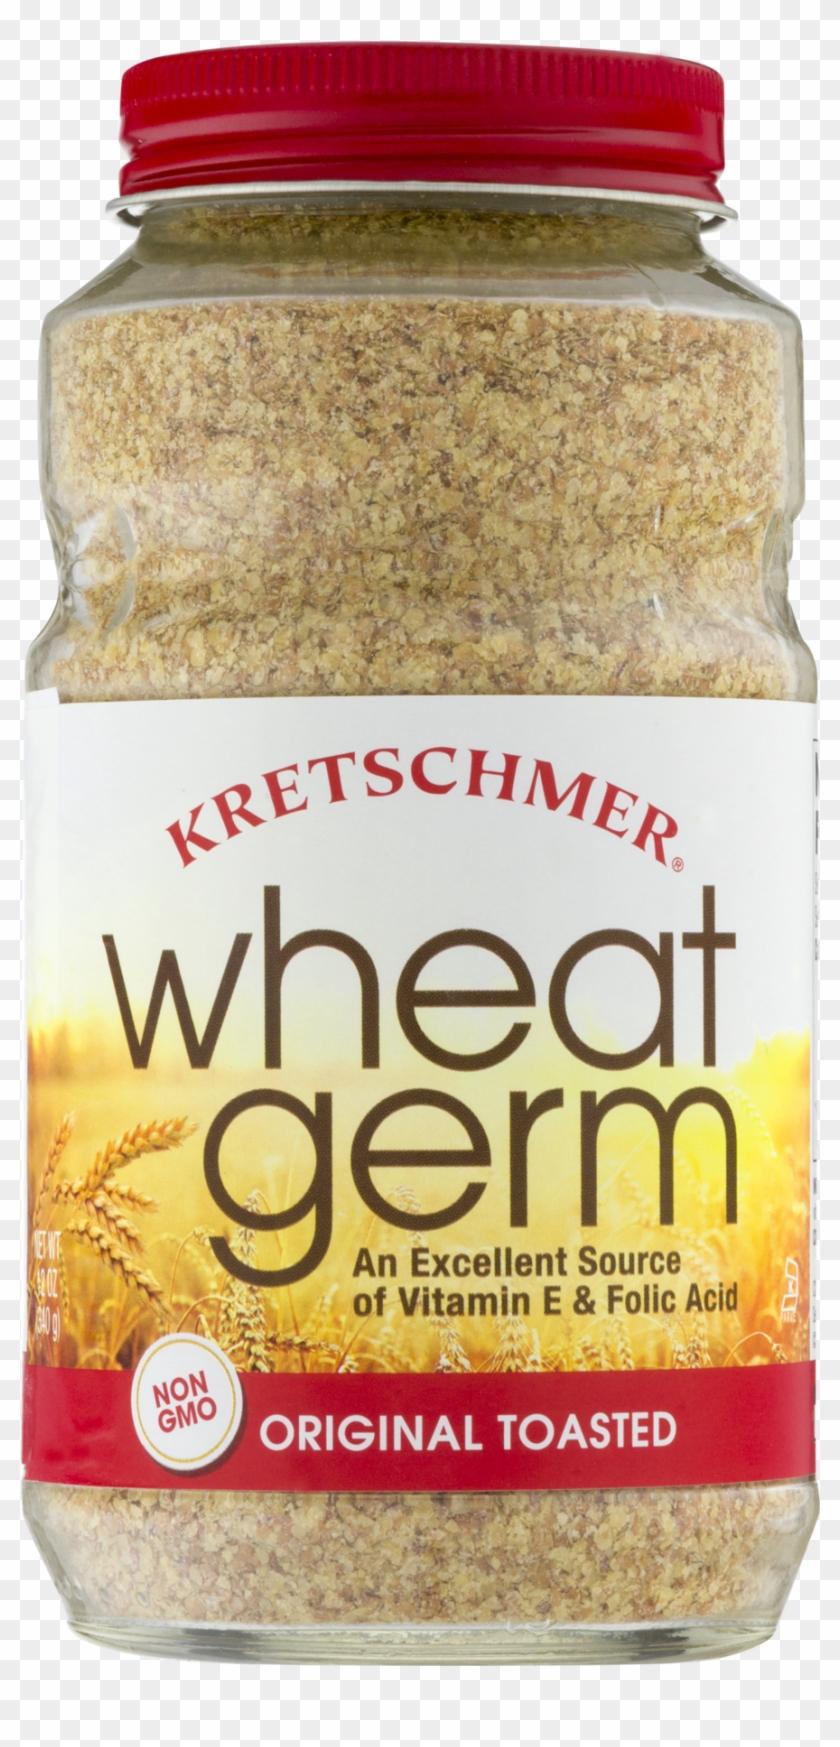 Kretschmer Original Toasted Germ Oz Walmart Com - Kretschmer Wheat Germ Clipart #2073443